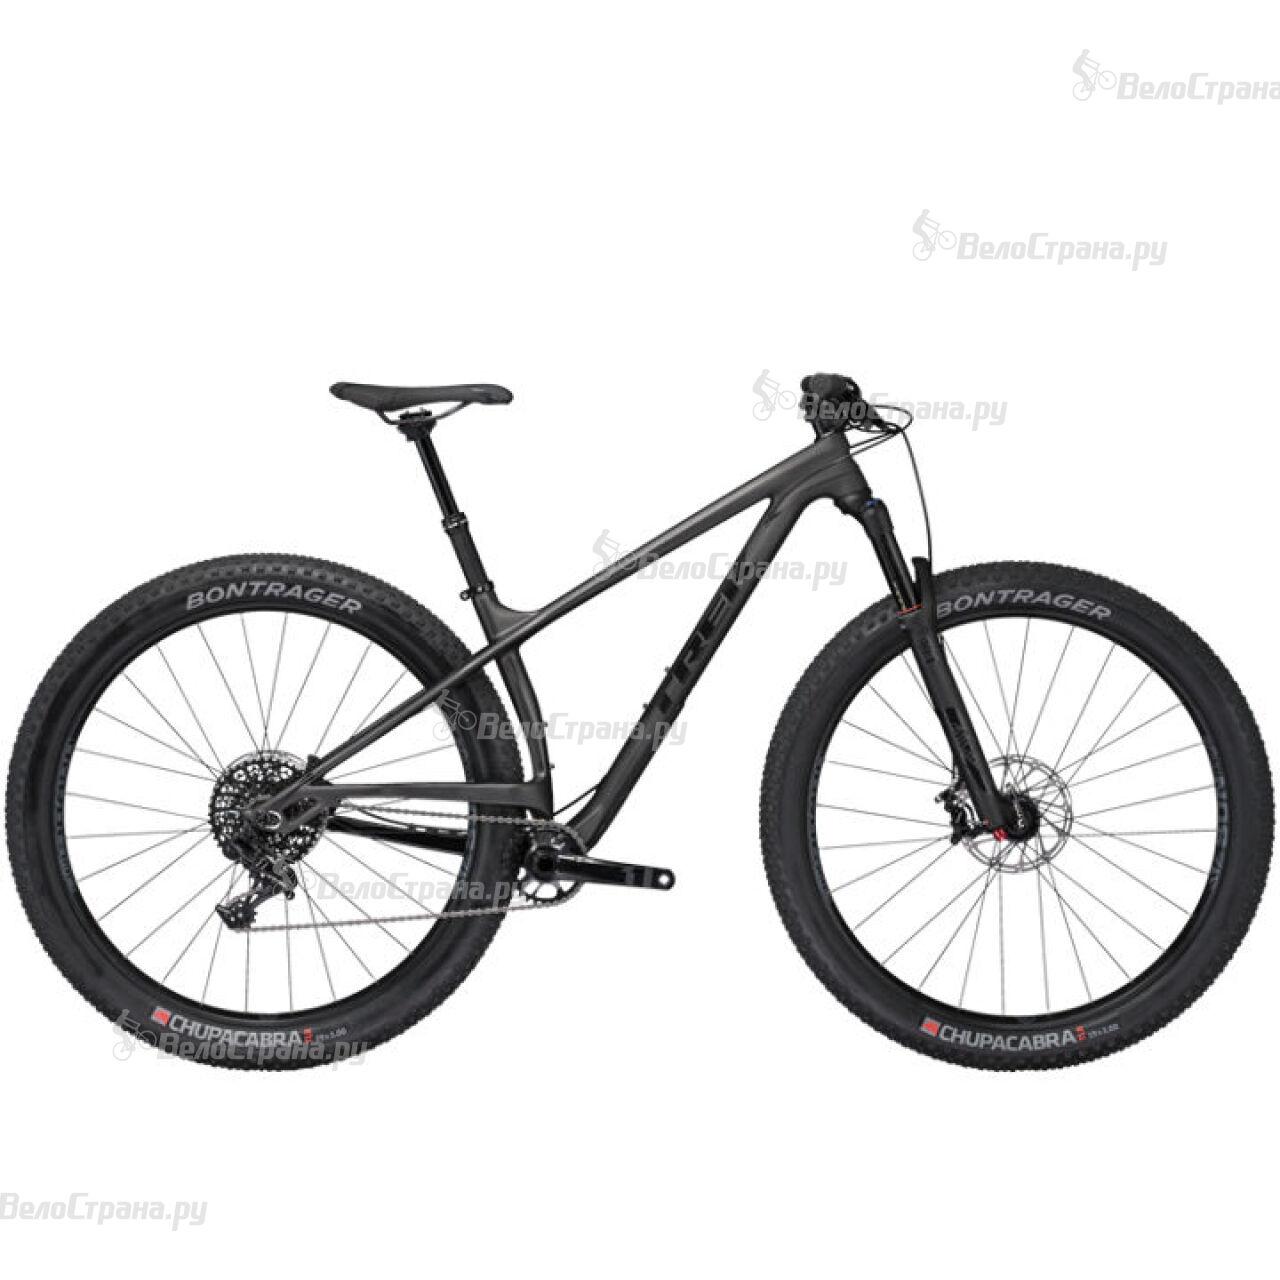 Велосипед Trek Stache 9.6 (2017) велосипед trek stache 7 2017